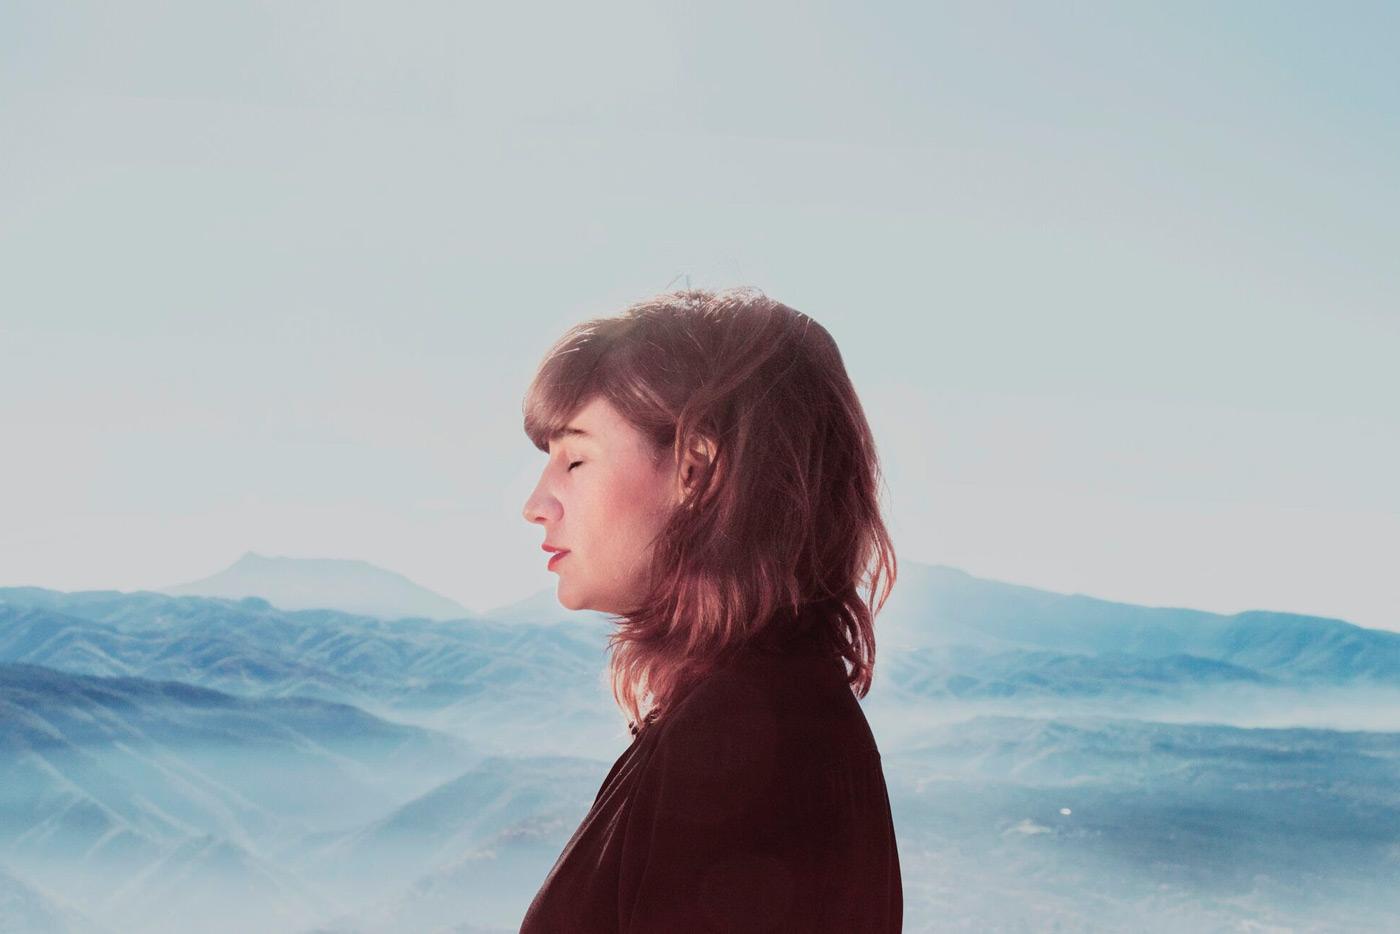 Joana Serrat abrirá los conciertos de Luis Albert Segura en Madrid y Barcelona